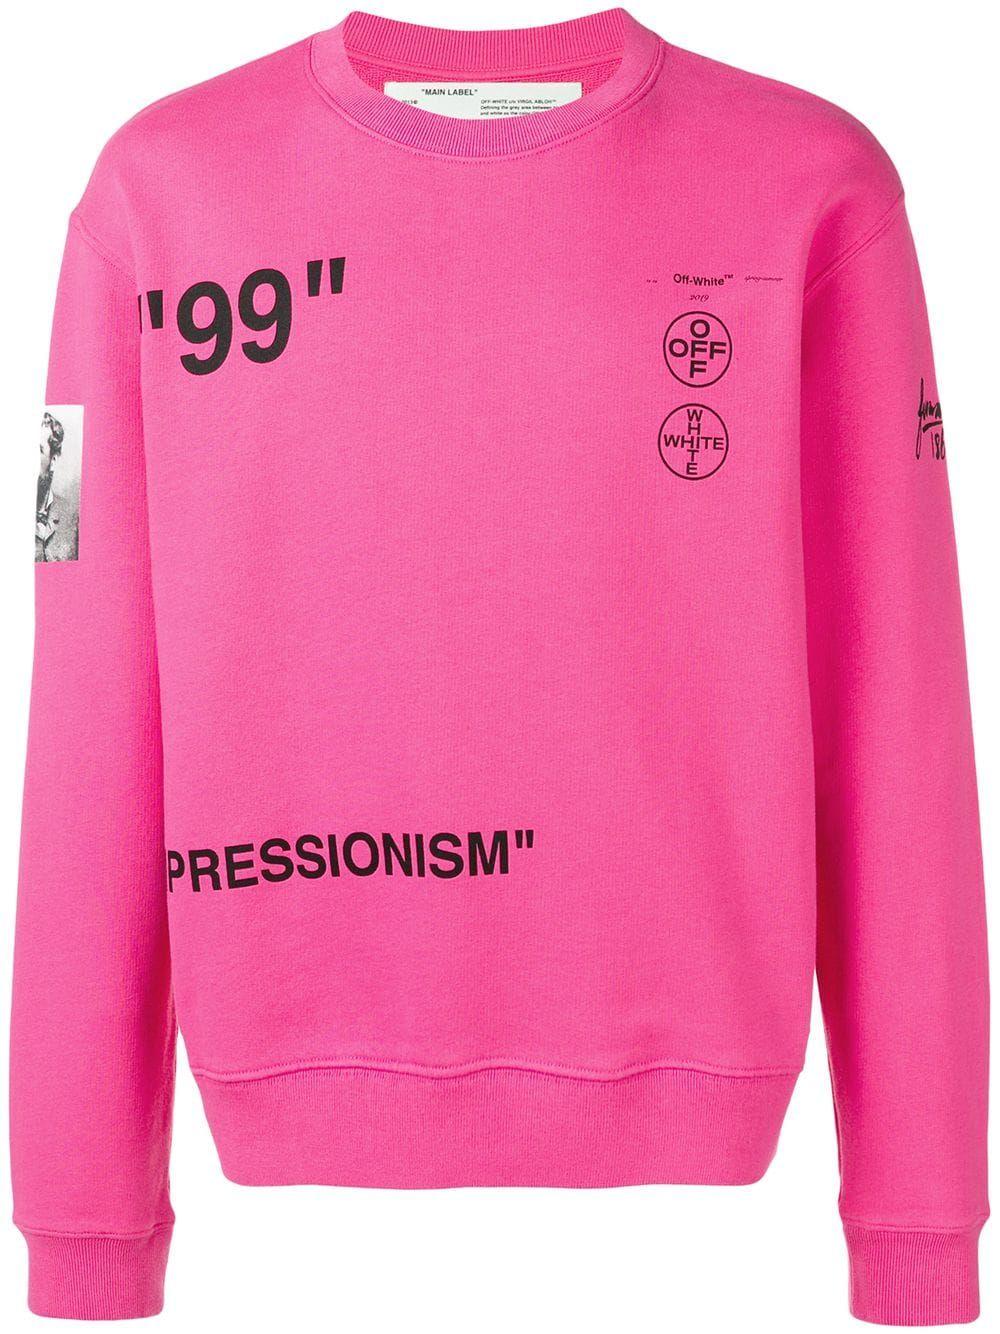 Off White Impressionism Sweatshirt Pink Cottonsweartshirt Off White Clothing Sweatshirts Cotton Sweatshirts [ 1334 x 1000 Pixel ]